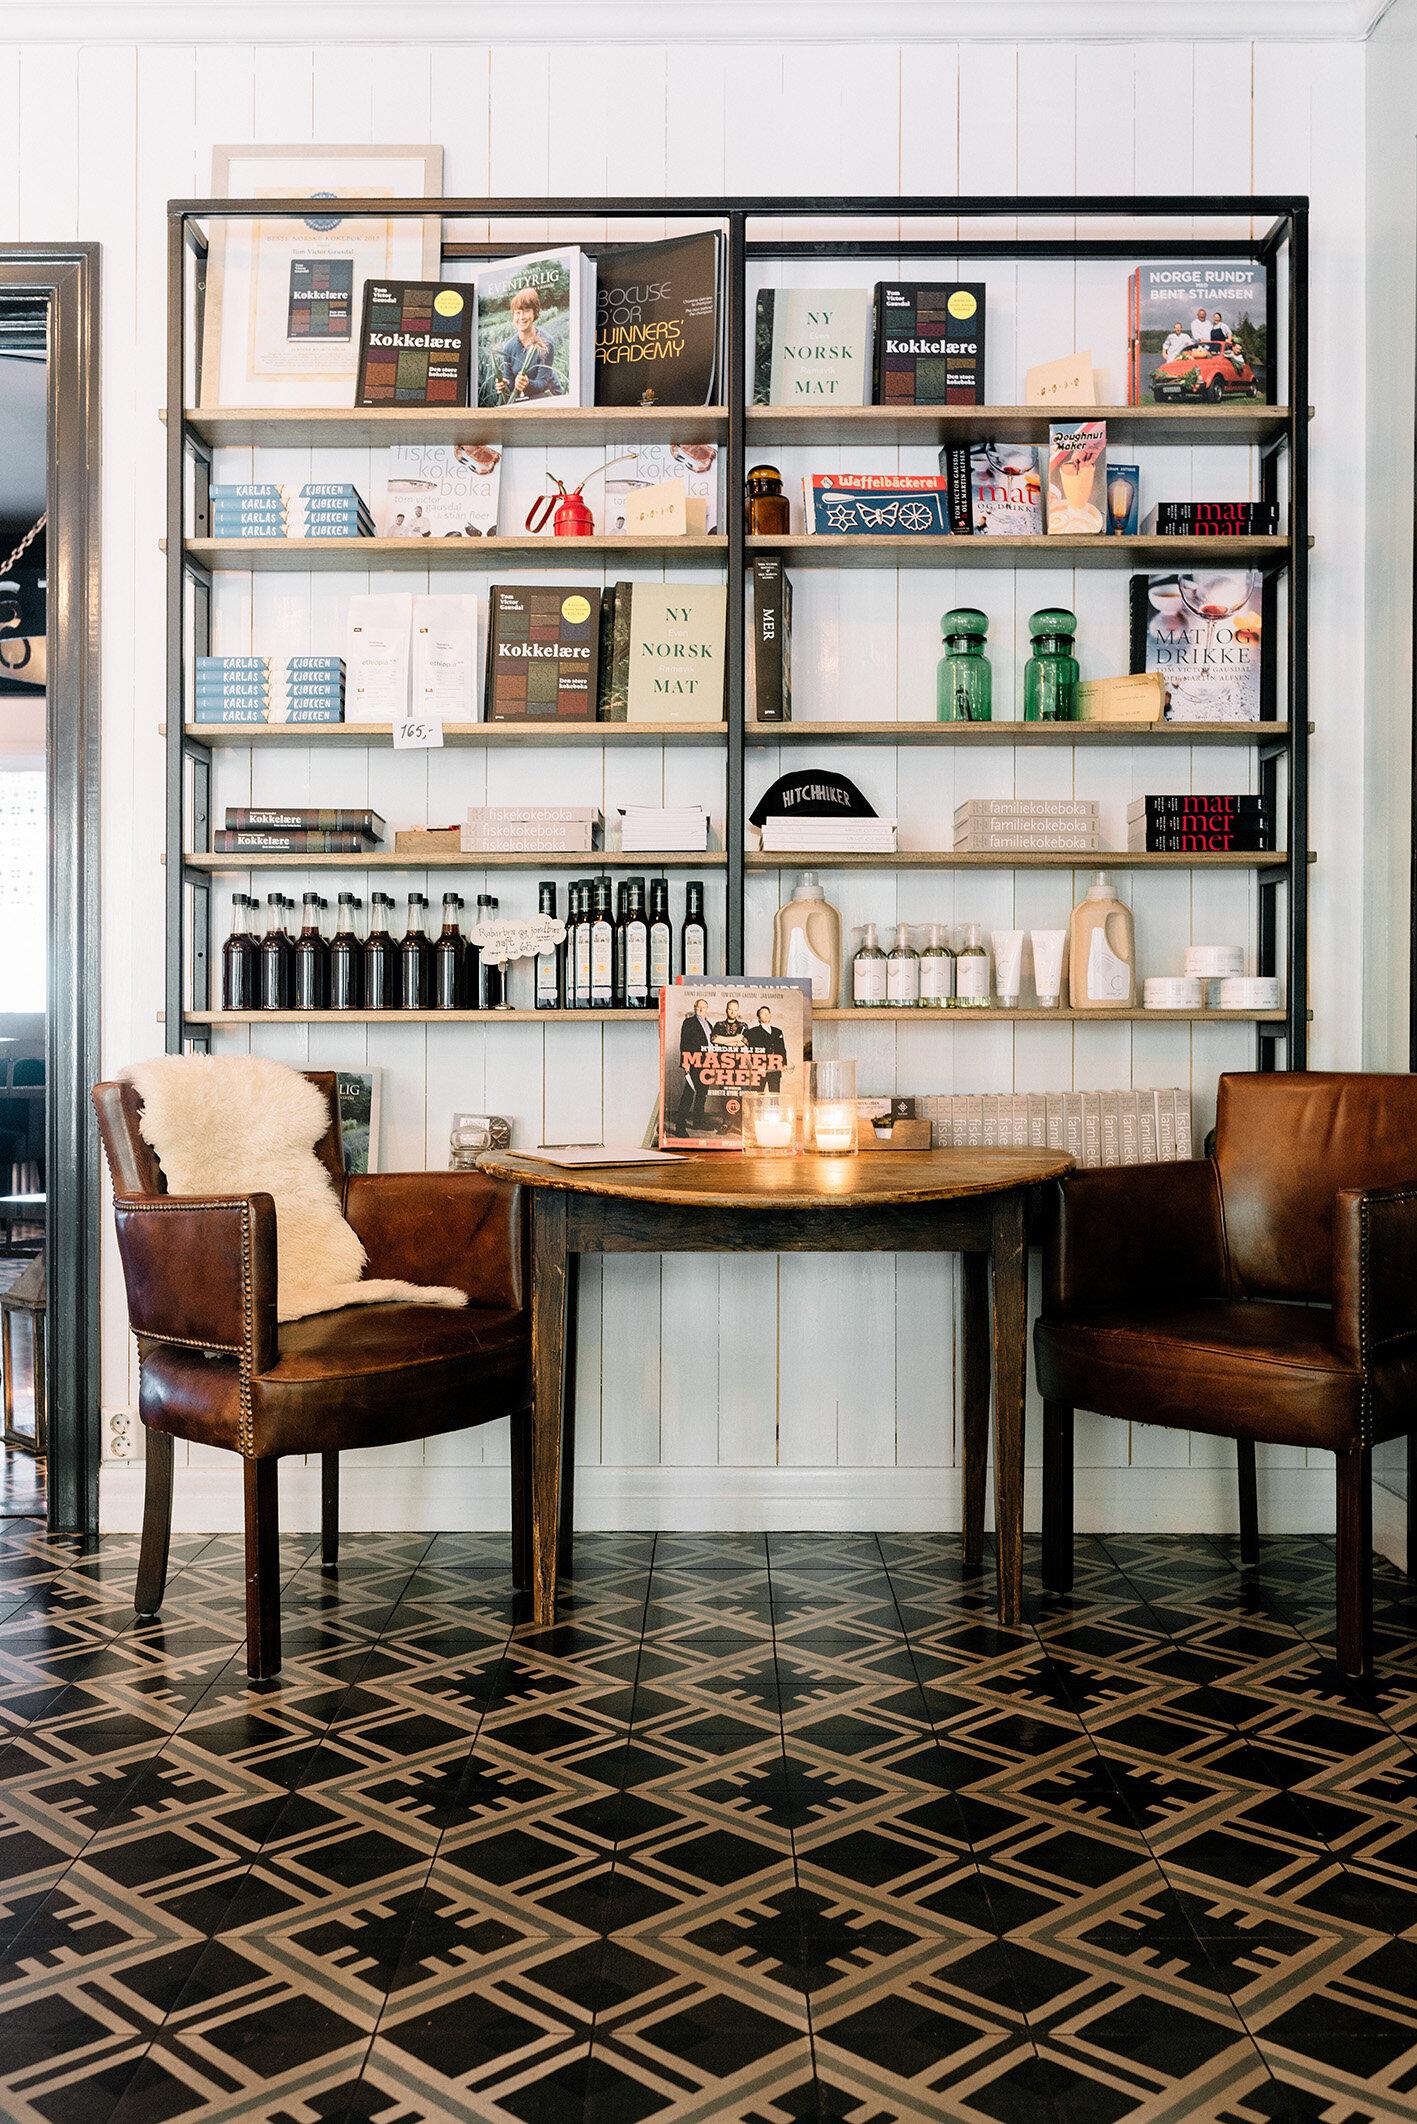 Kafé  - Hjertelig velkommen inn i en behagelig atmosfære med levende lys og duften av hvetebakst og nytraktet kaffe fra Tim Wendelboe. Her serverer vi lunsj  fra kl.12.00 tirsdag-søndag. Velg mellom dagens suppe, salater, ferske smørbrød eller bakevarer!